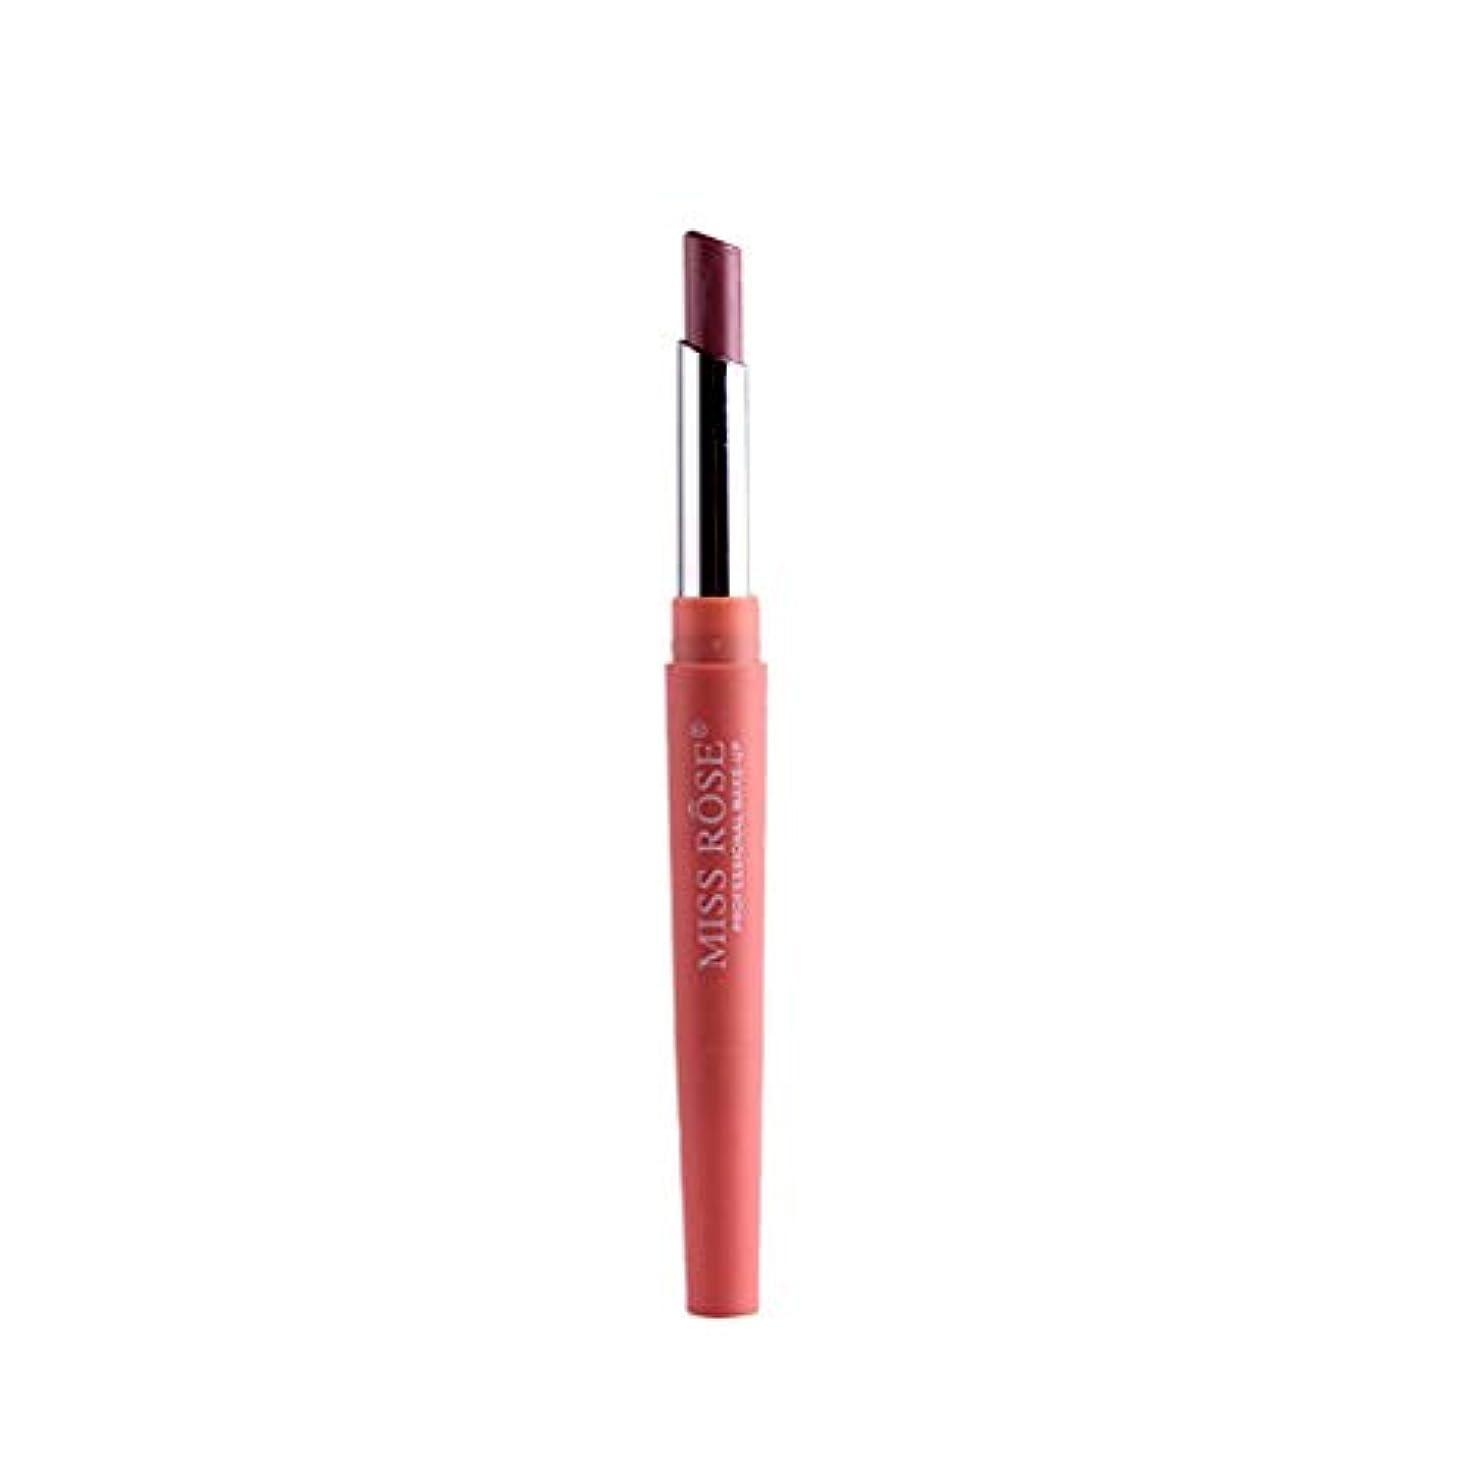 いらいらするレイアウトあなたが良くなります口紅ペン BOBOGOJP ダブルヘッド 多機能 リップライナー リップスティックペン 多色選択 リップグロス リップライナースティックペンシル 長続き 防水 リプリナー 恋する唇 メイク道具 おすすめ (G)